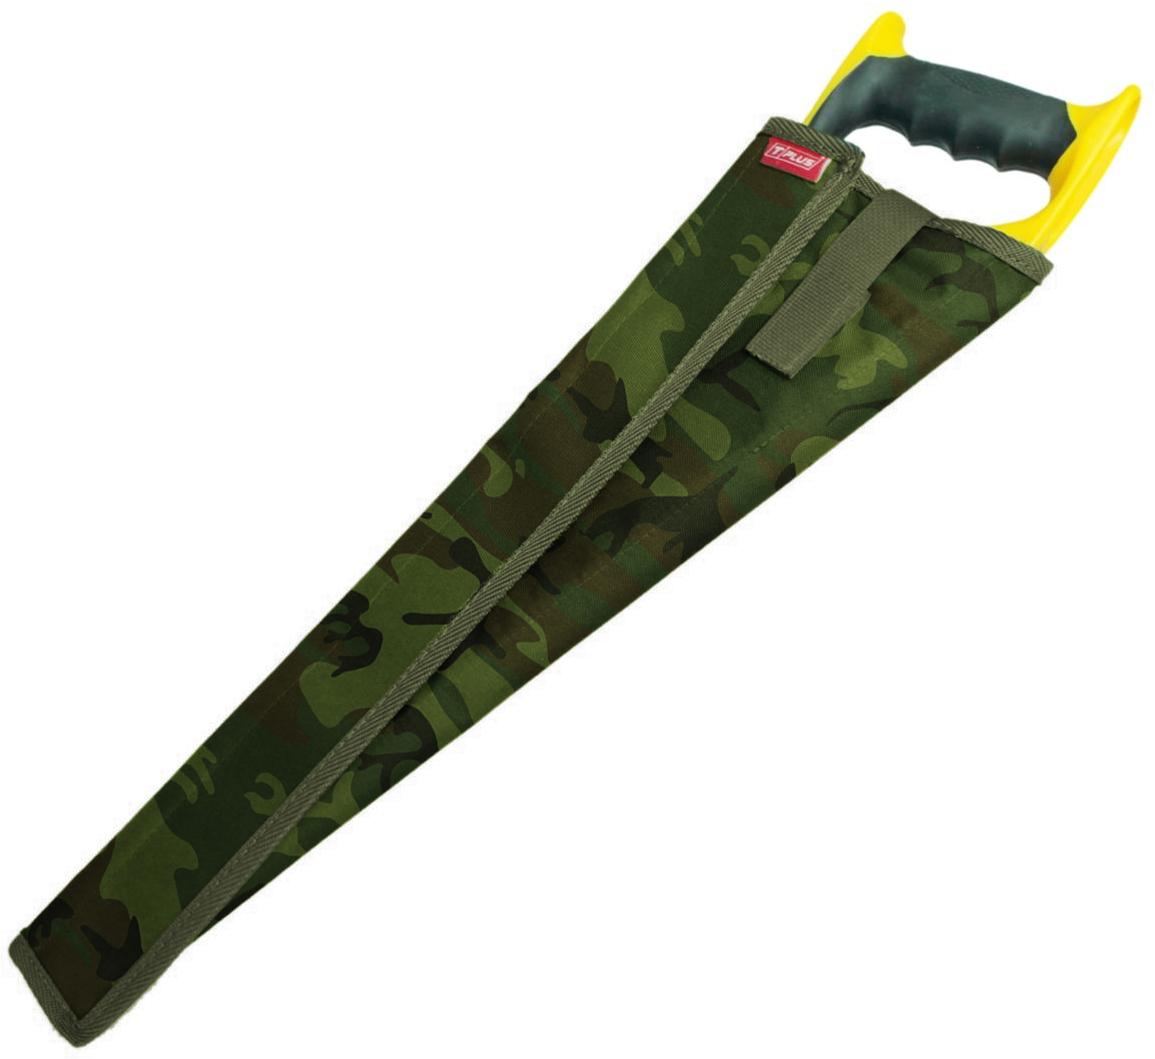 Чехол для ножовки Tplus, оксфорд 600, цвет: нато, 50 смT014492Чехол для ножовки удобная и полезная вещь. Благодаря ему можно положить ножовку в сумку или рюкзак без какого-либо ущерба. Чехол является разъемным и позволяет просто обернуть его вокруг ножовки. В зависимости от ее ширины чехол можно сделать плотнее или свободнее.Его длина – 500 мм, изготовлен он из ткани оксфорд 600, которая имеет высокую прочность на разрыв и стойкость к истиранию. Закрывается чехол при помощи текстильной ленты-липучки, пришитой вдоль него. Также на нем предусмотрен специальный язычок на липучке, который с одной стороны просовывается сквозь ручку ножовки, а с другой стороны крепится на чехол, создавая фиксацию.Приобретая чехол для ножовки, вы обеспечиваете безопасную переноску режущего предмета, а также защищаете его от грязи, пыли и влаги